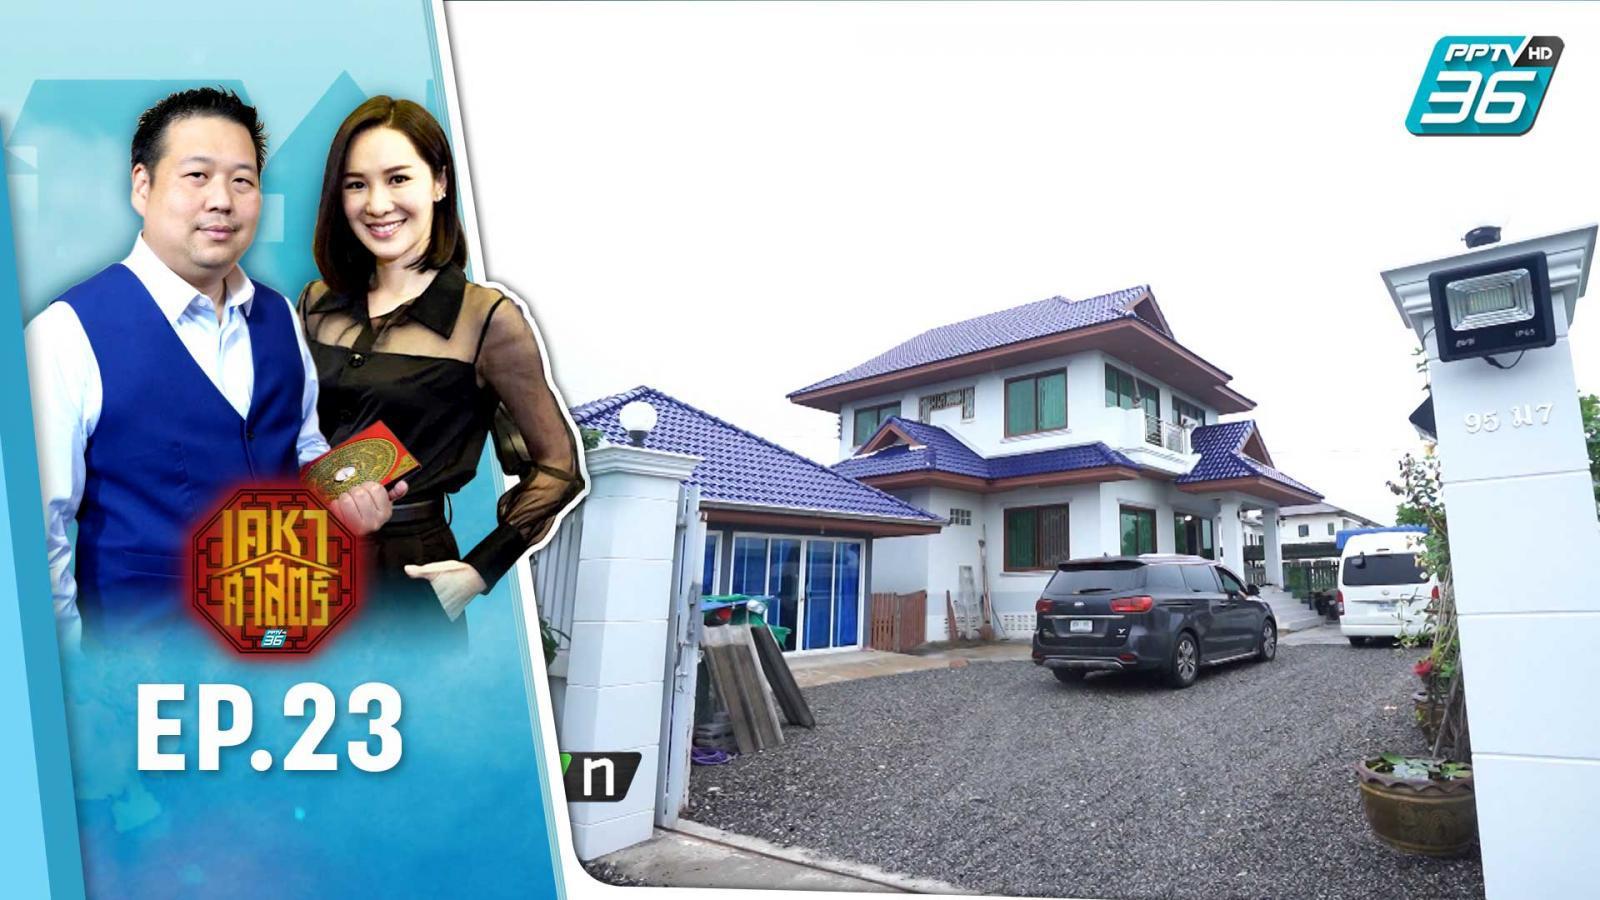 เคหาศาสตร์ | ตี่ลี่ ฮวงจุ้ย | ตอน บ้านไม่ลงรอย EP.23 | PPTV HD 36